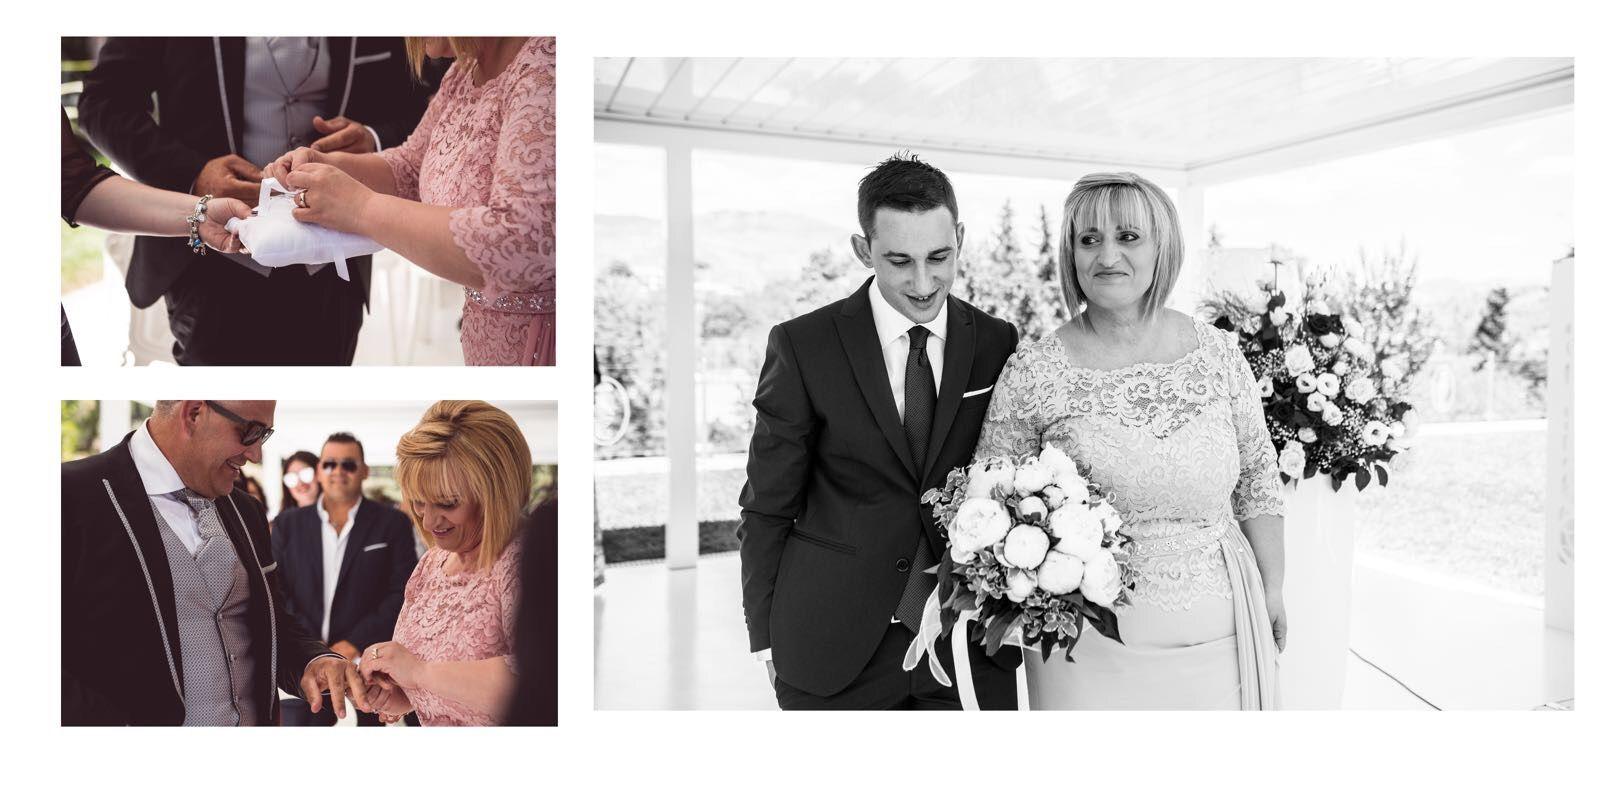 Festeggiare L Anniversario Di Matrimonio.Festeggiare L Anniversario Di Matrimonio E Un Modo Per Rinnovare